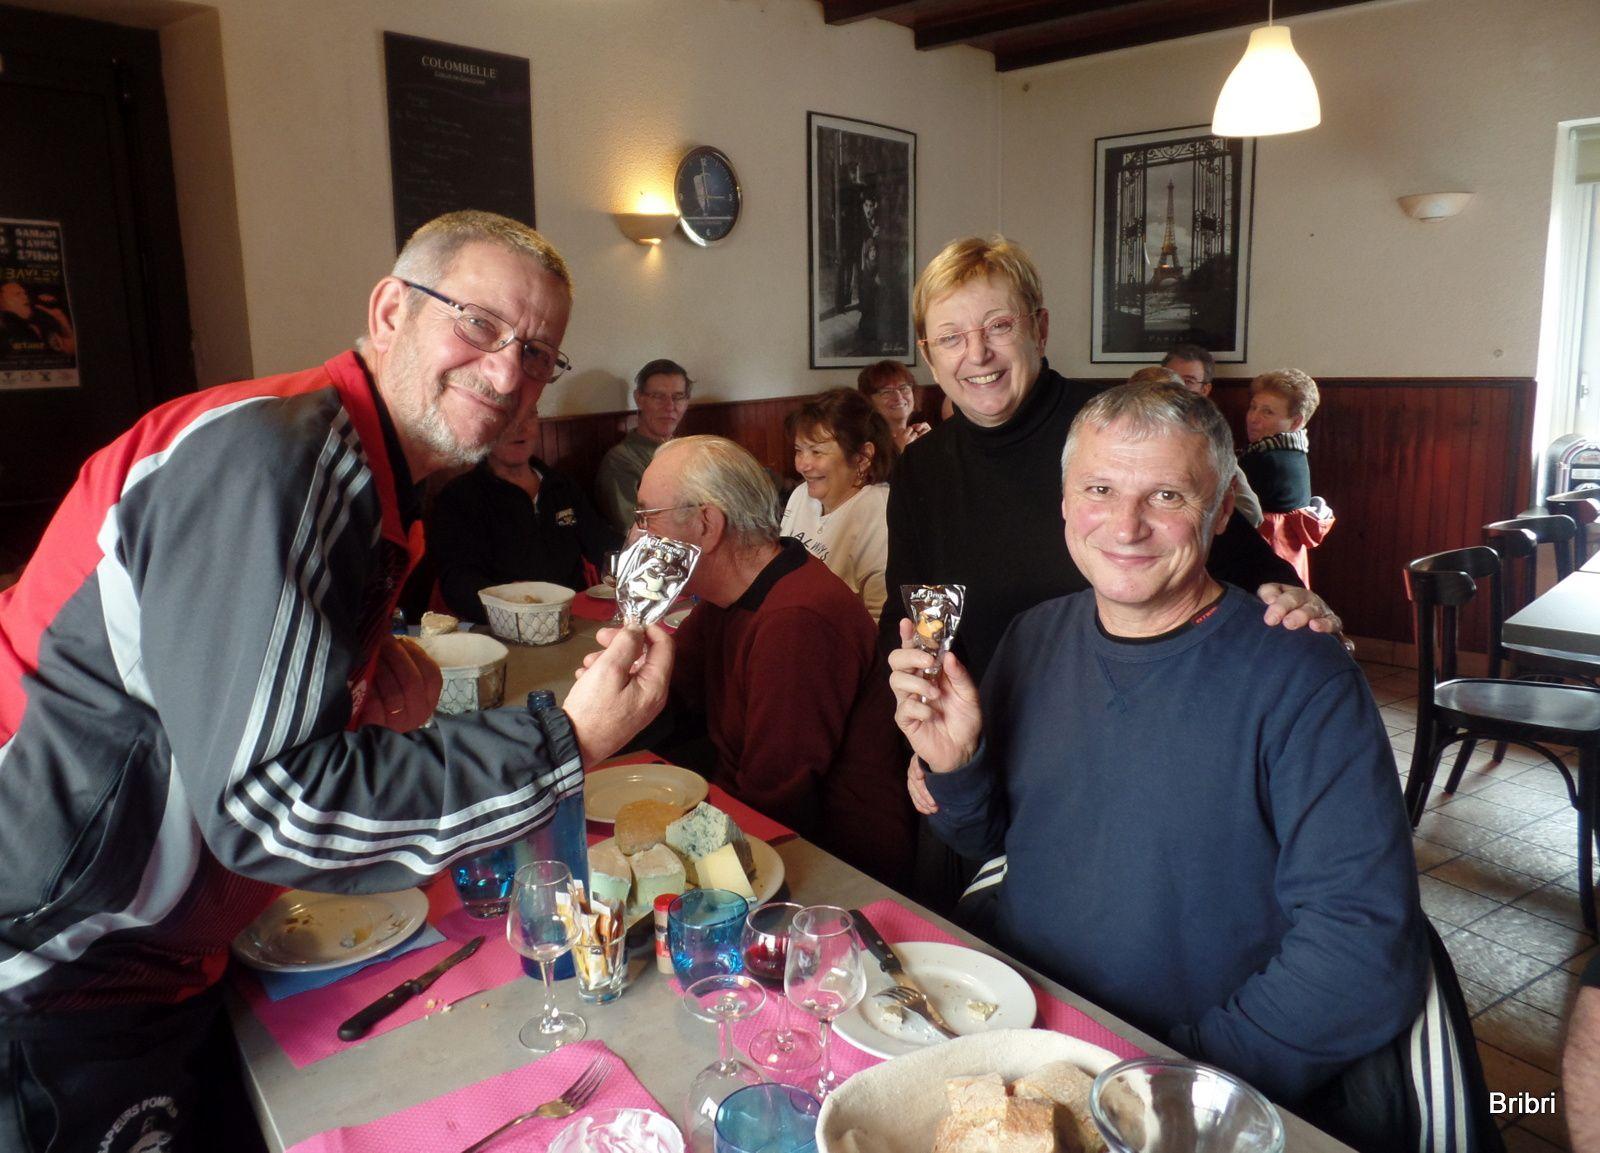 Bonne ambiance, comme le veut la coutume, Annie remercie 2 marcheurs pour leur aide, en leur offrant une sucette d'un célèbre chocolatier.